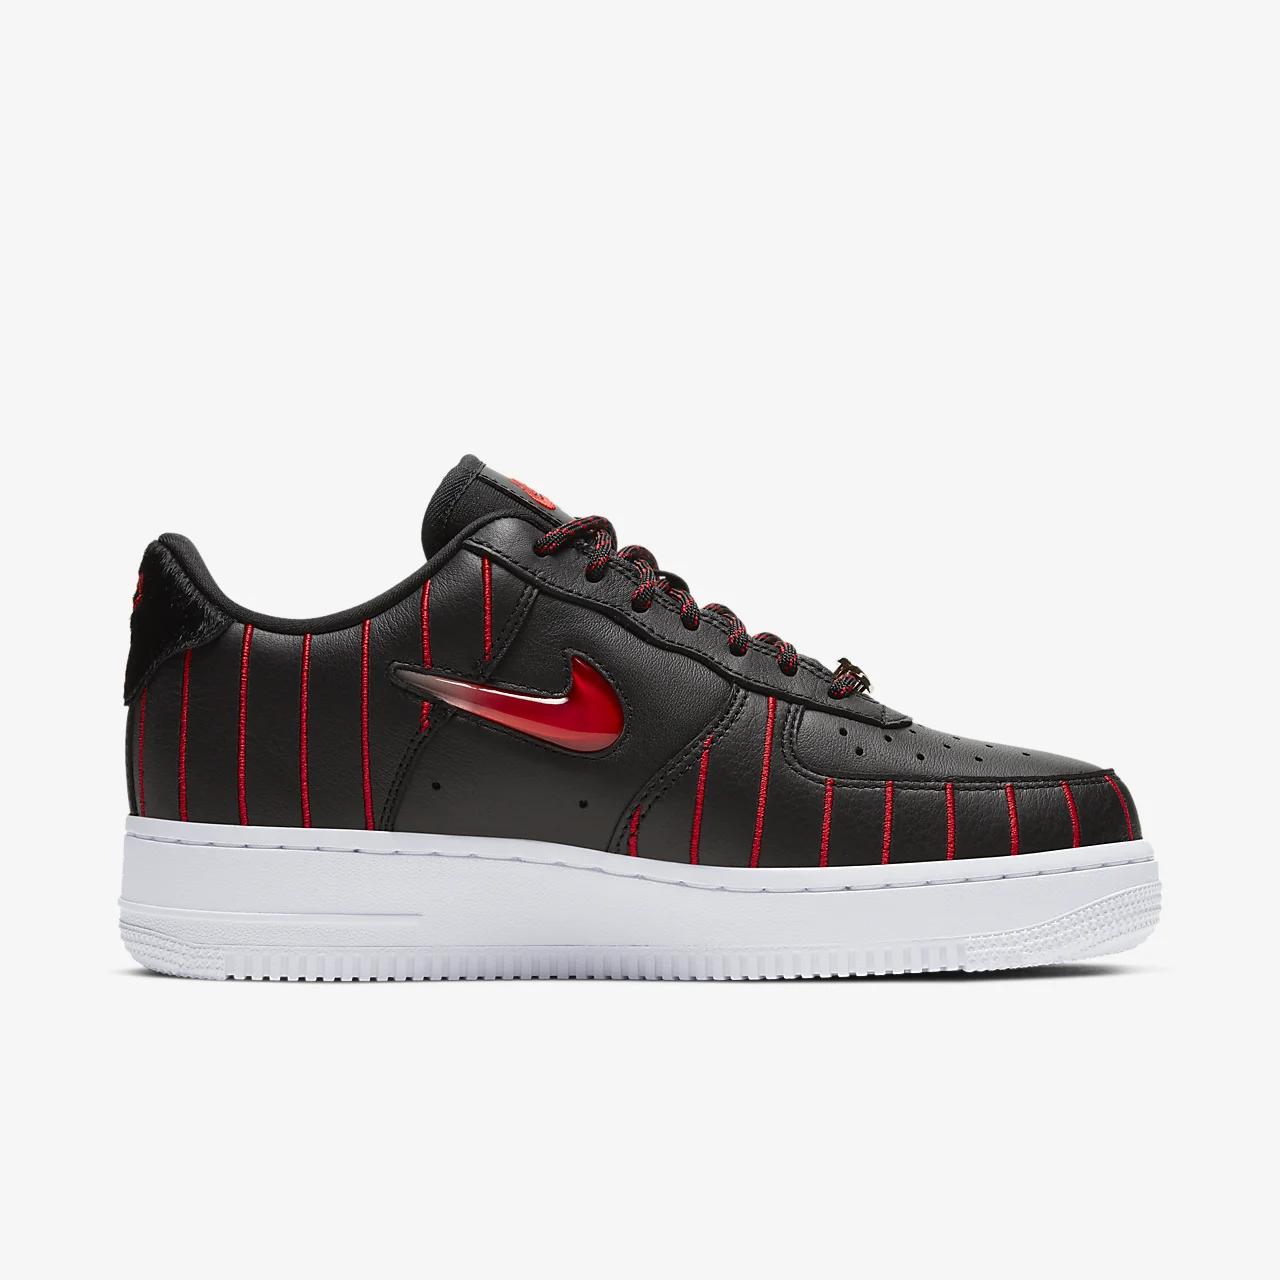 유럽직배송 나이키 NIKE Nike Air Force 1 Jewel Women's Shoe CU6359-001